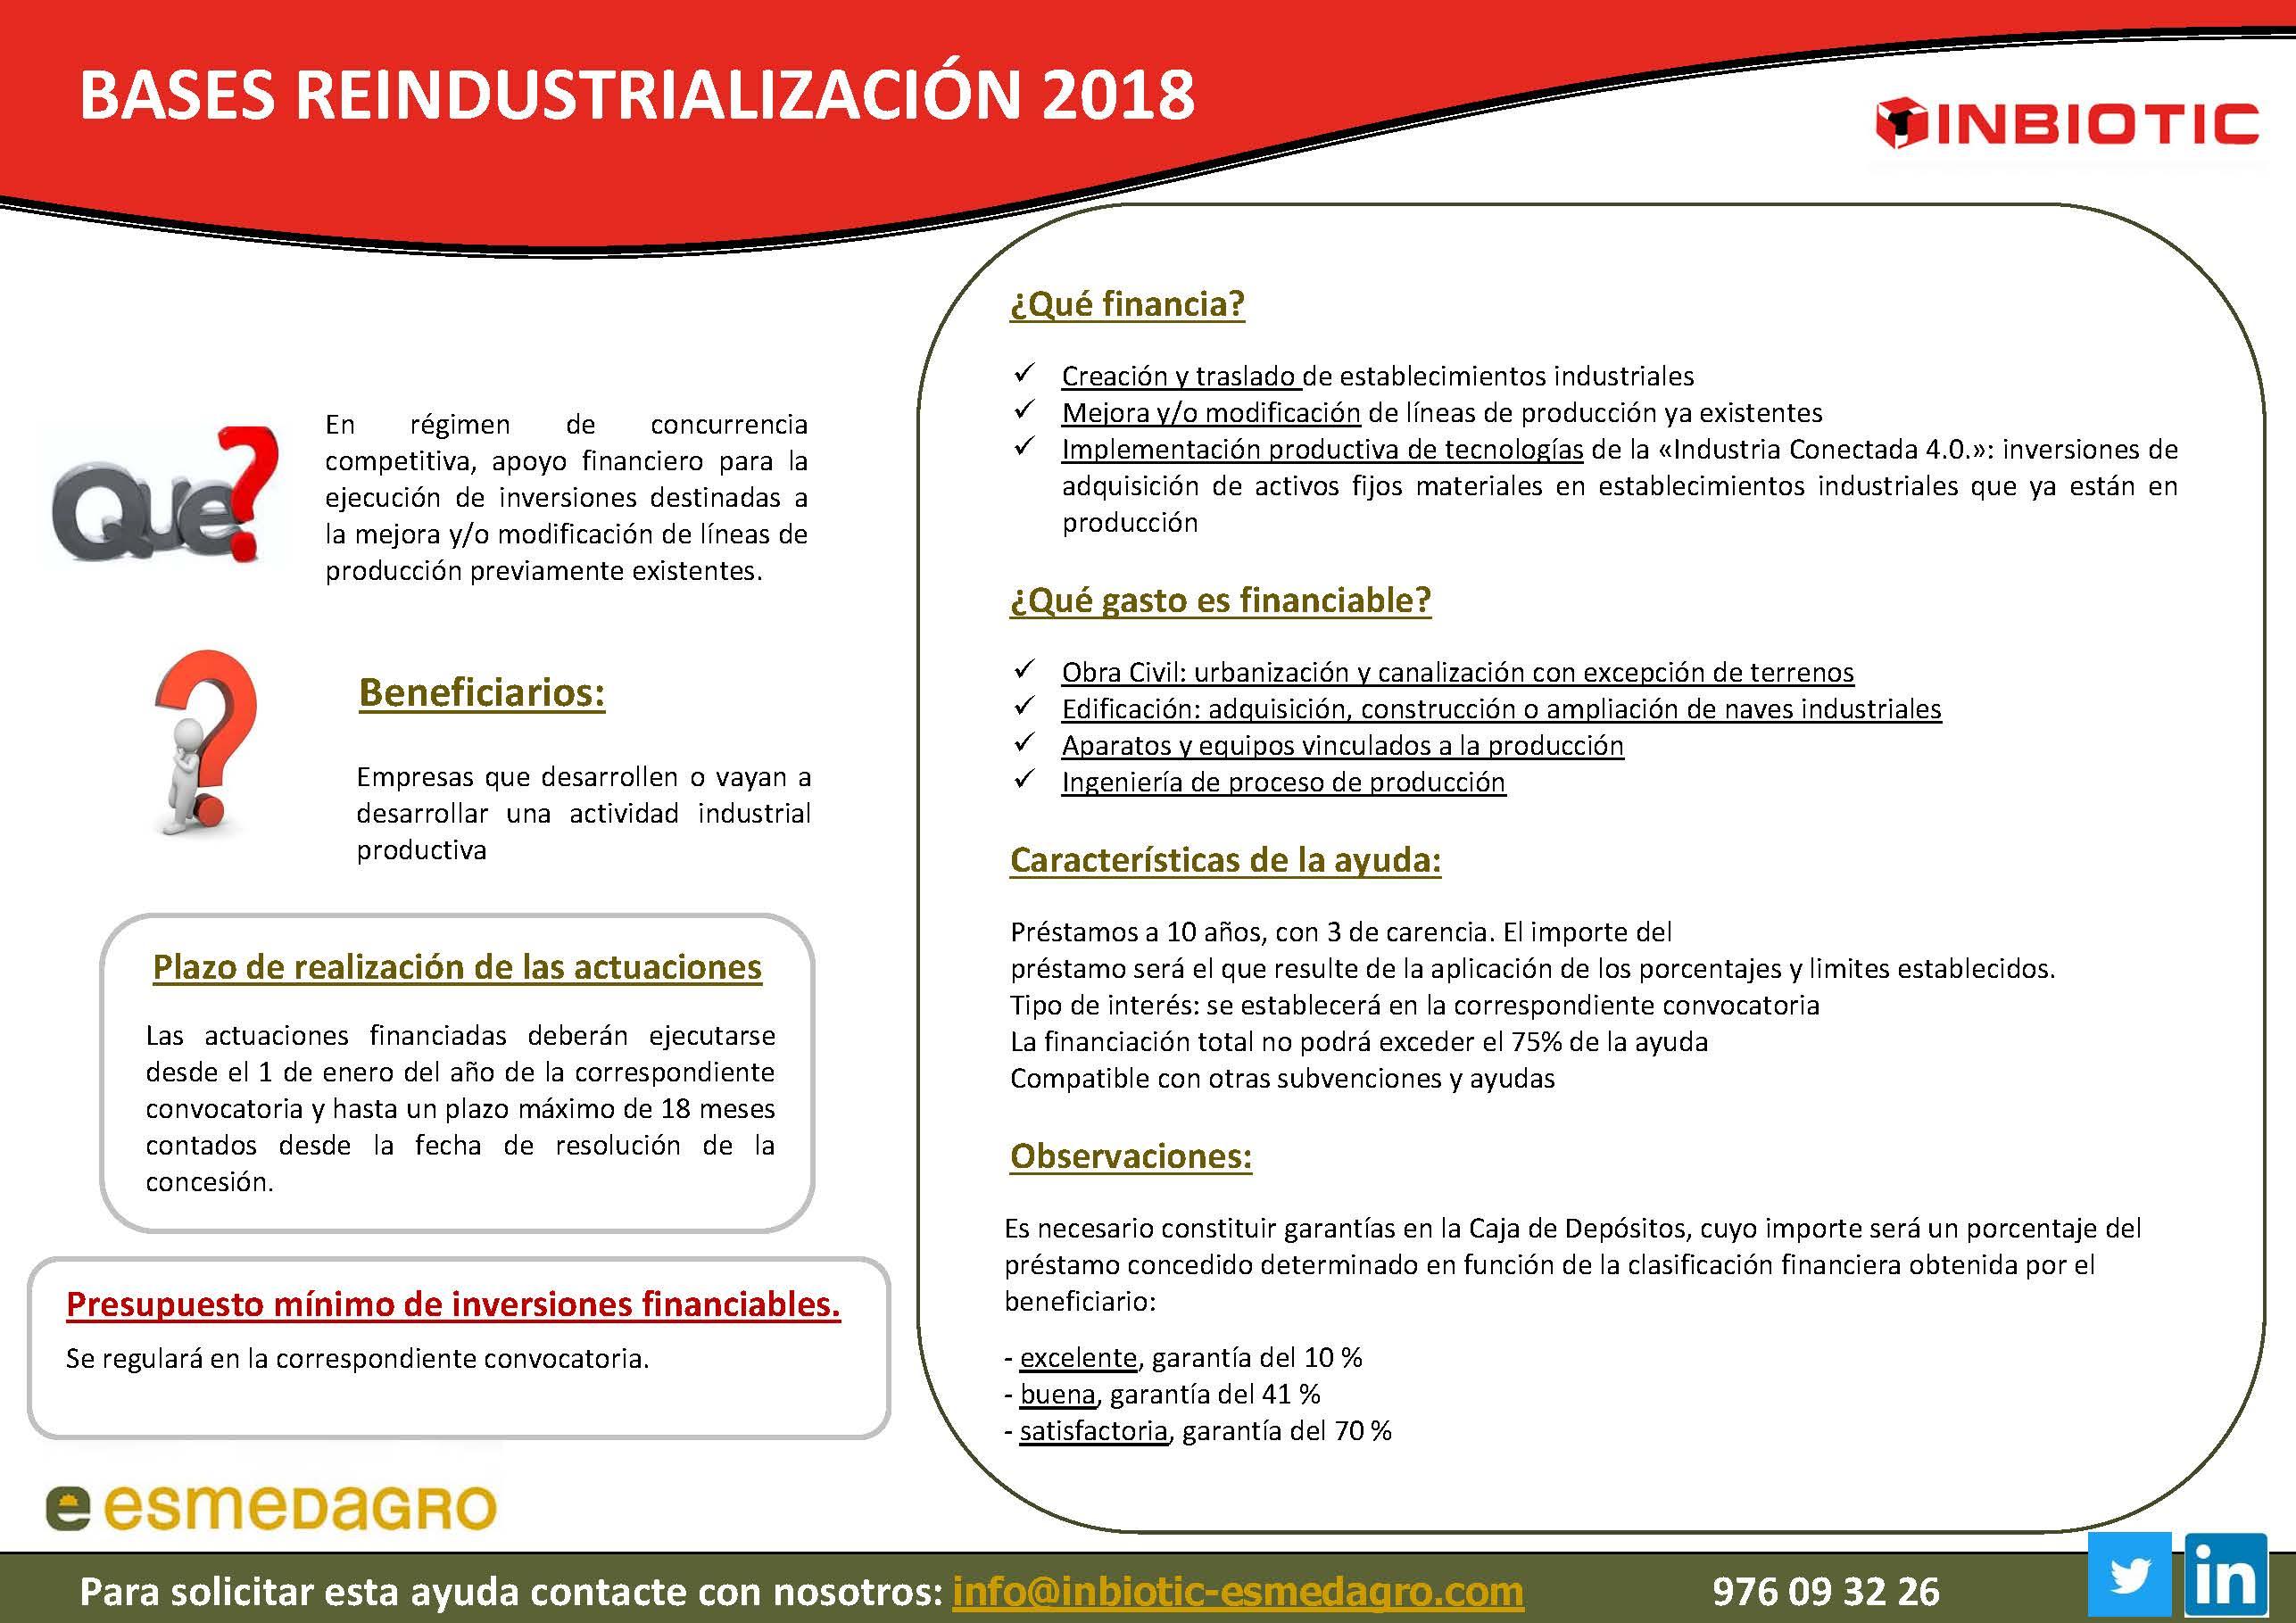 BASES REINDUSTRIALIZACIÓN 2018